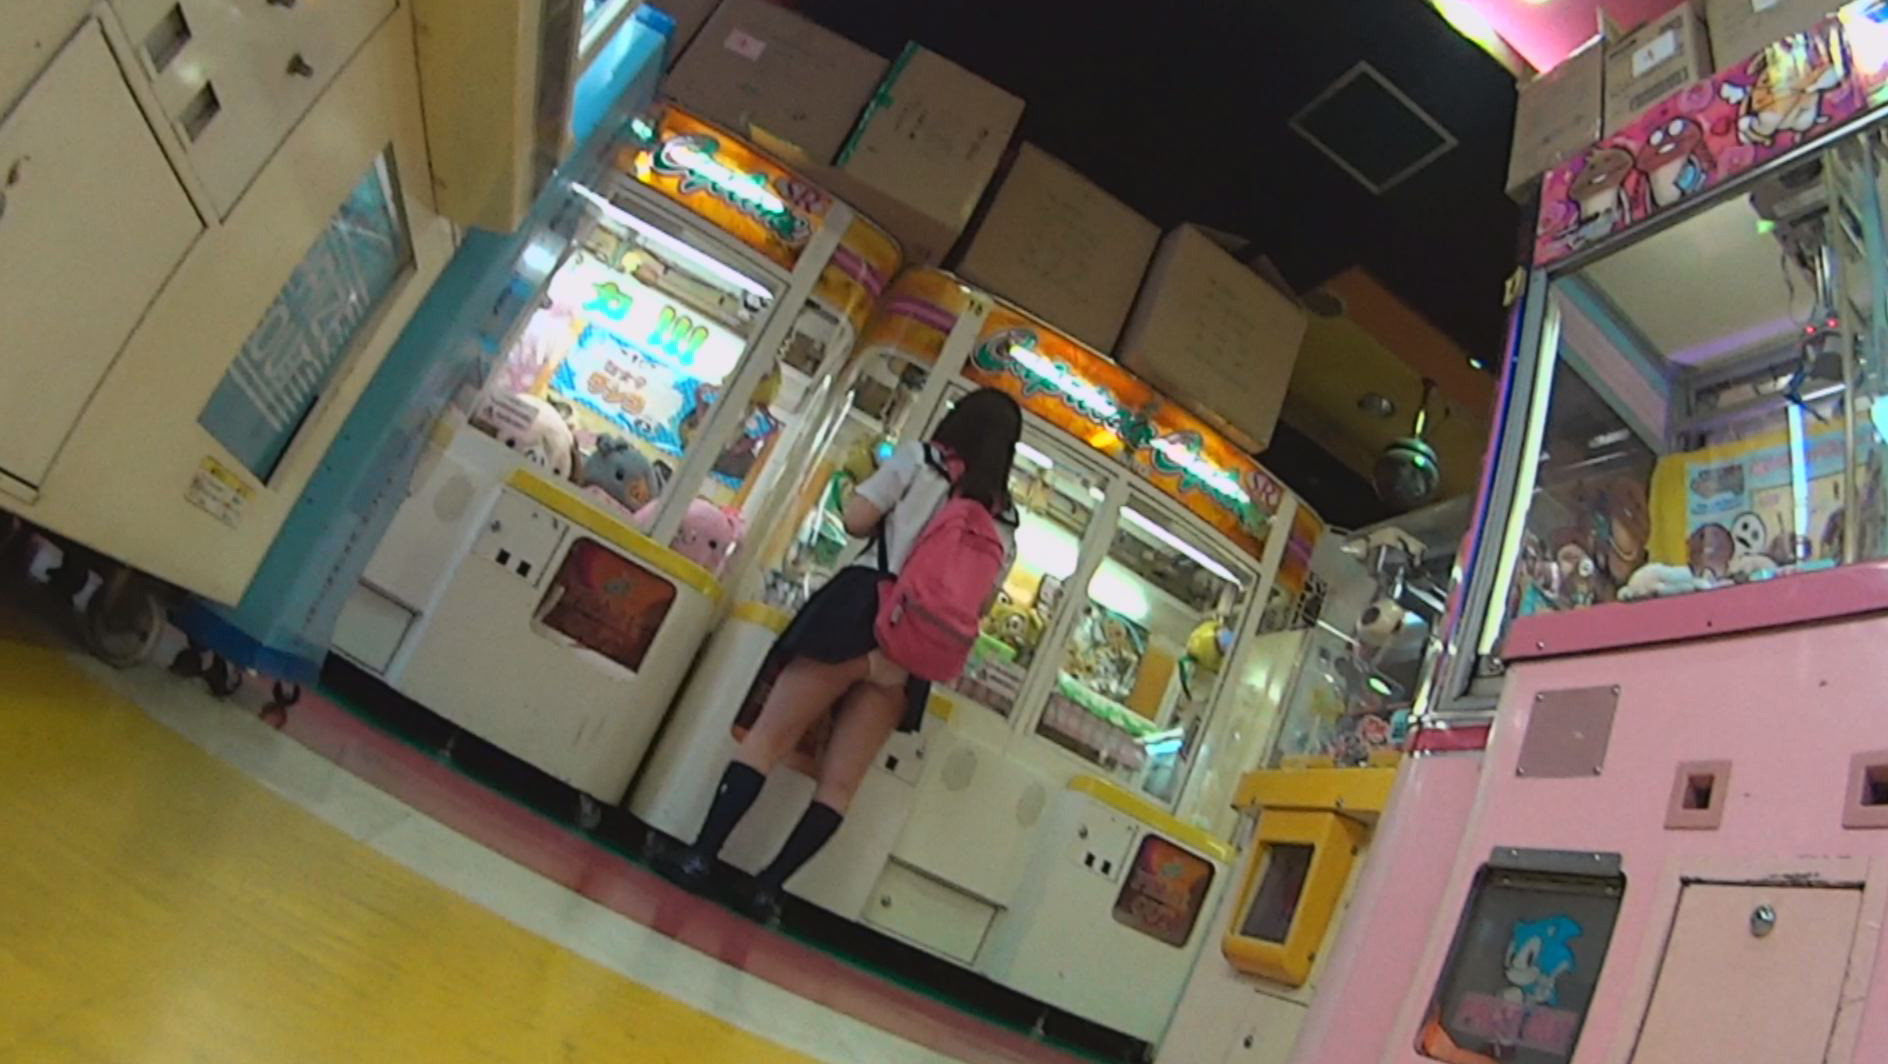 うっかりパンモロ娘 カバンやパンストにスカート引っ掛けちゃったおっちょこちょいな女の子たち 画像2